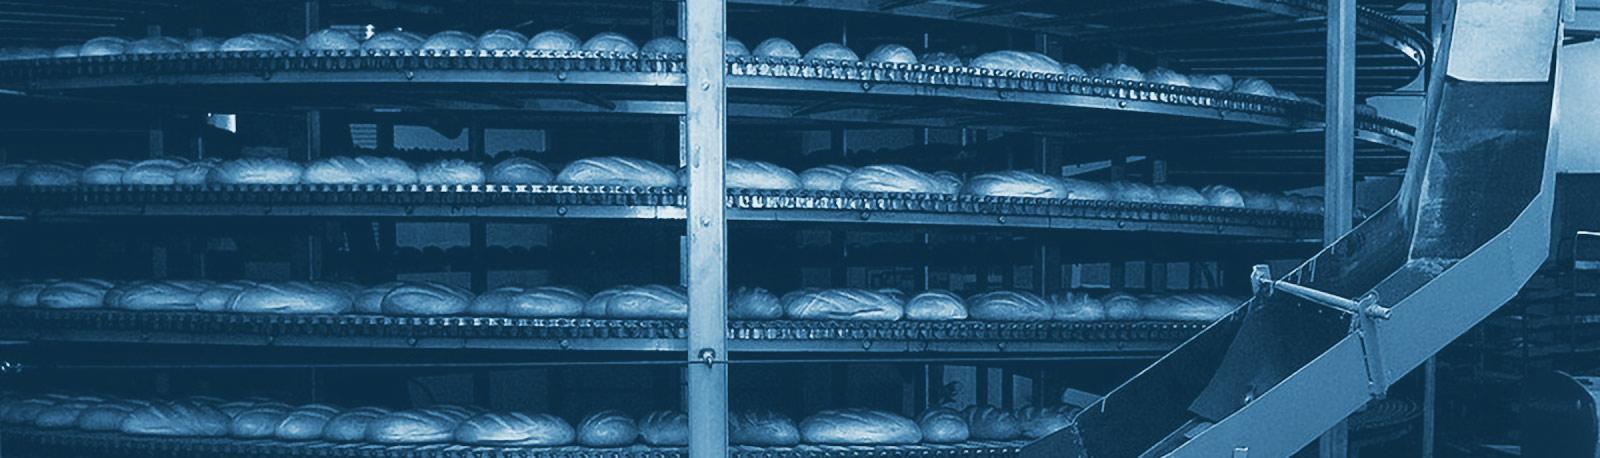 Холодоснабжение хлебозаводов и кондитерских фабрик